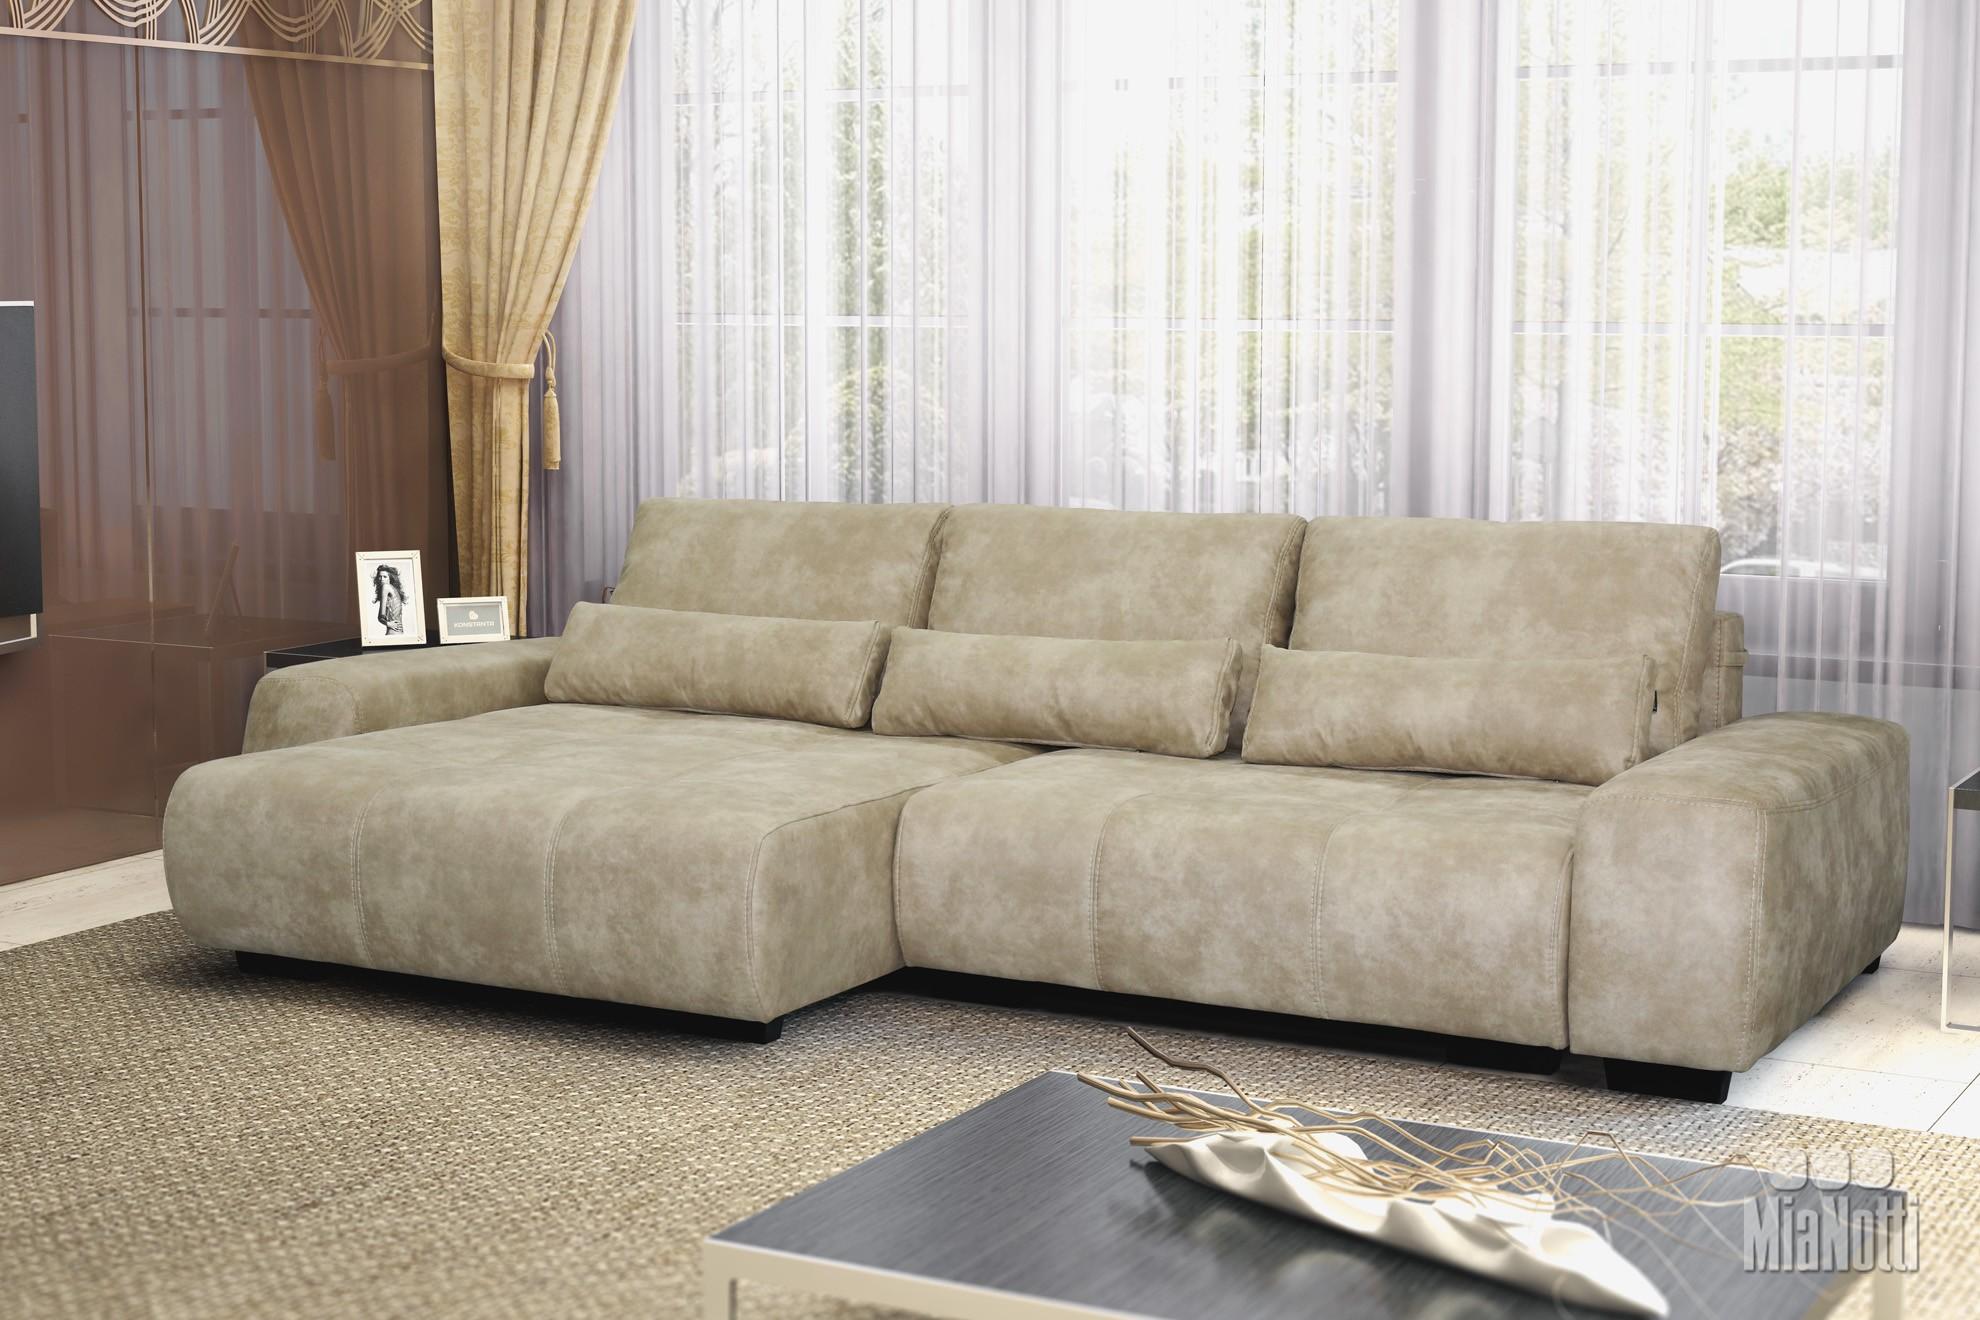 купить угловой диван даллас в интернет магазине мягкой мебели константа